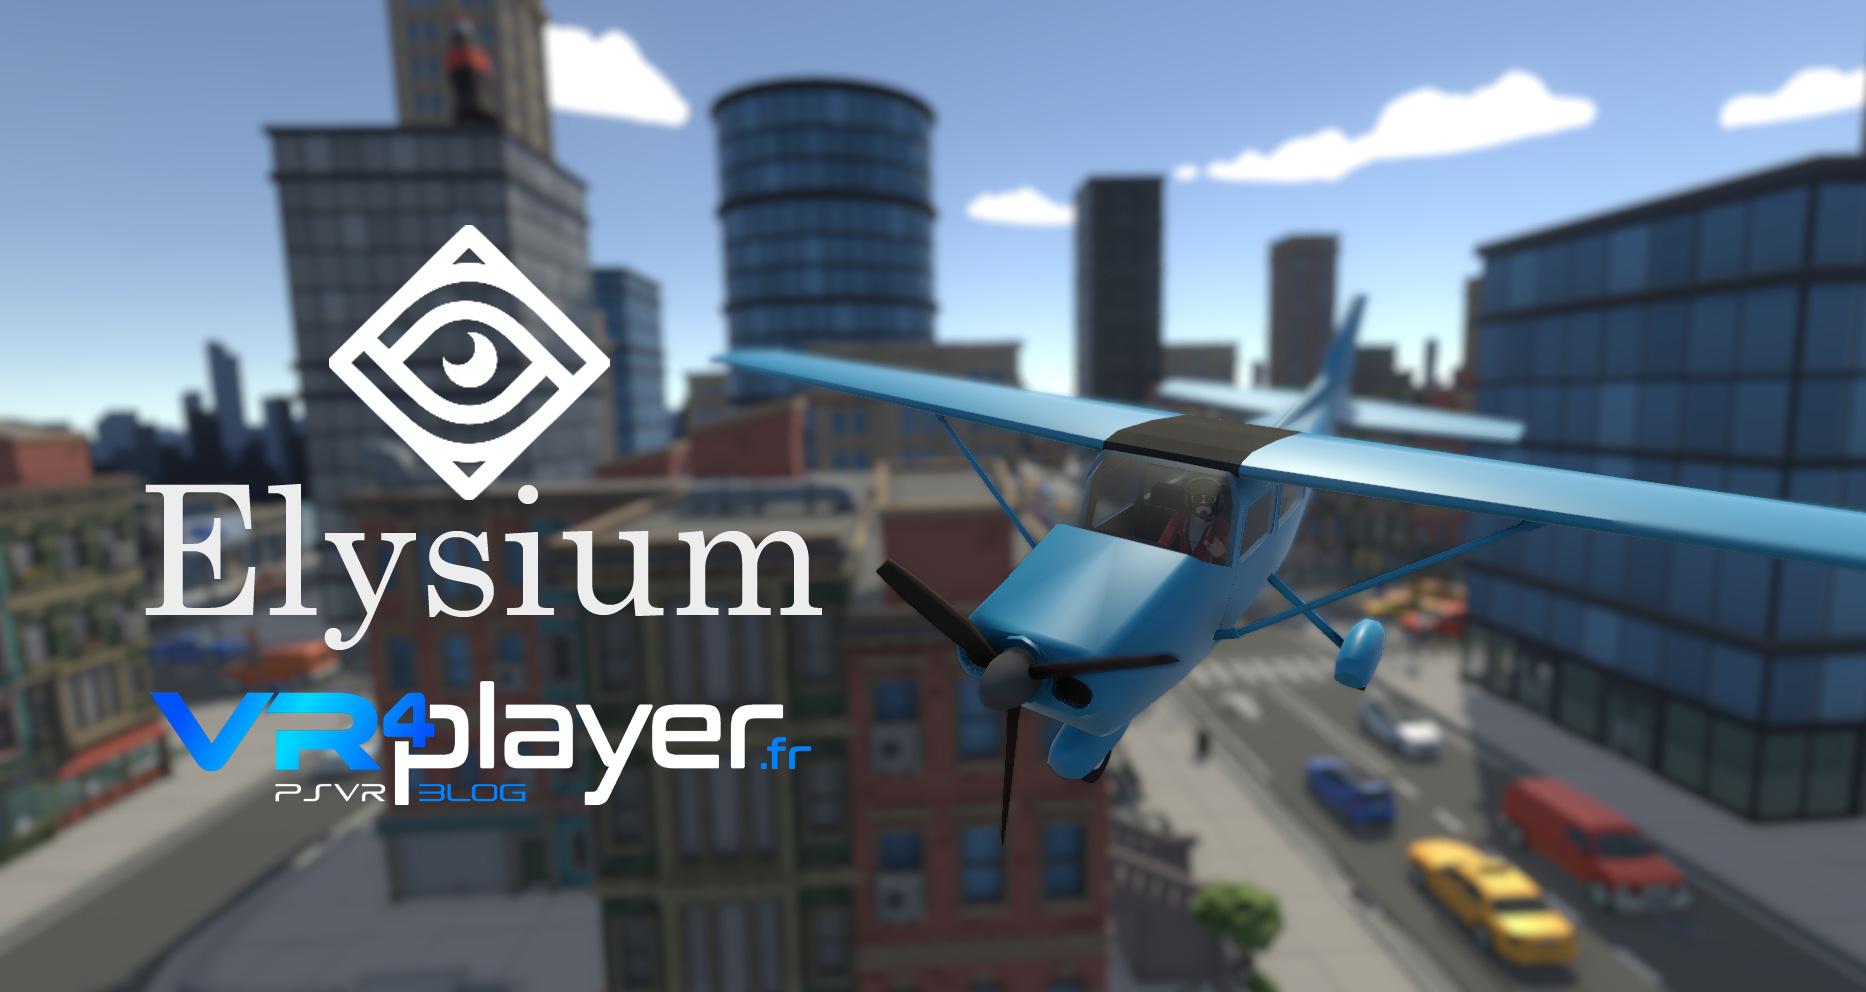 Elysium VR PSVR vrplayer.fr